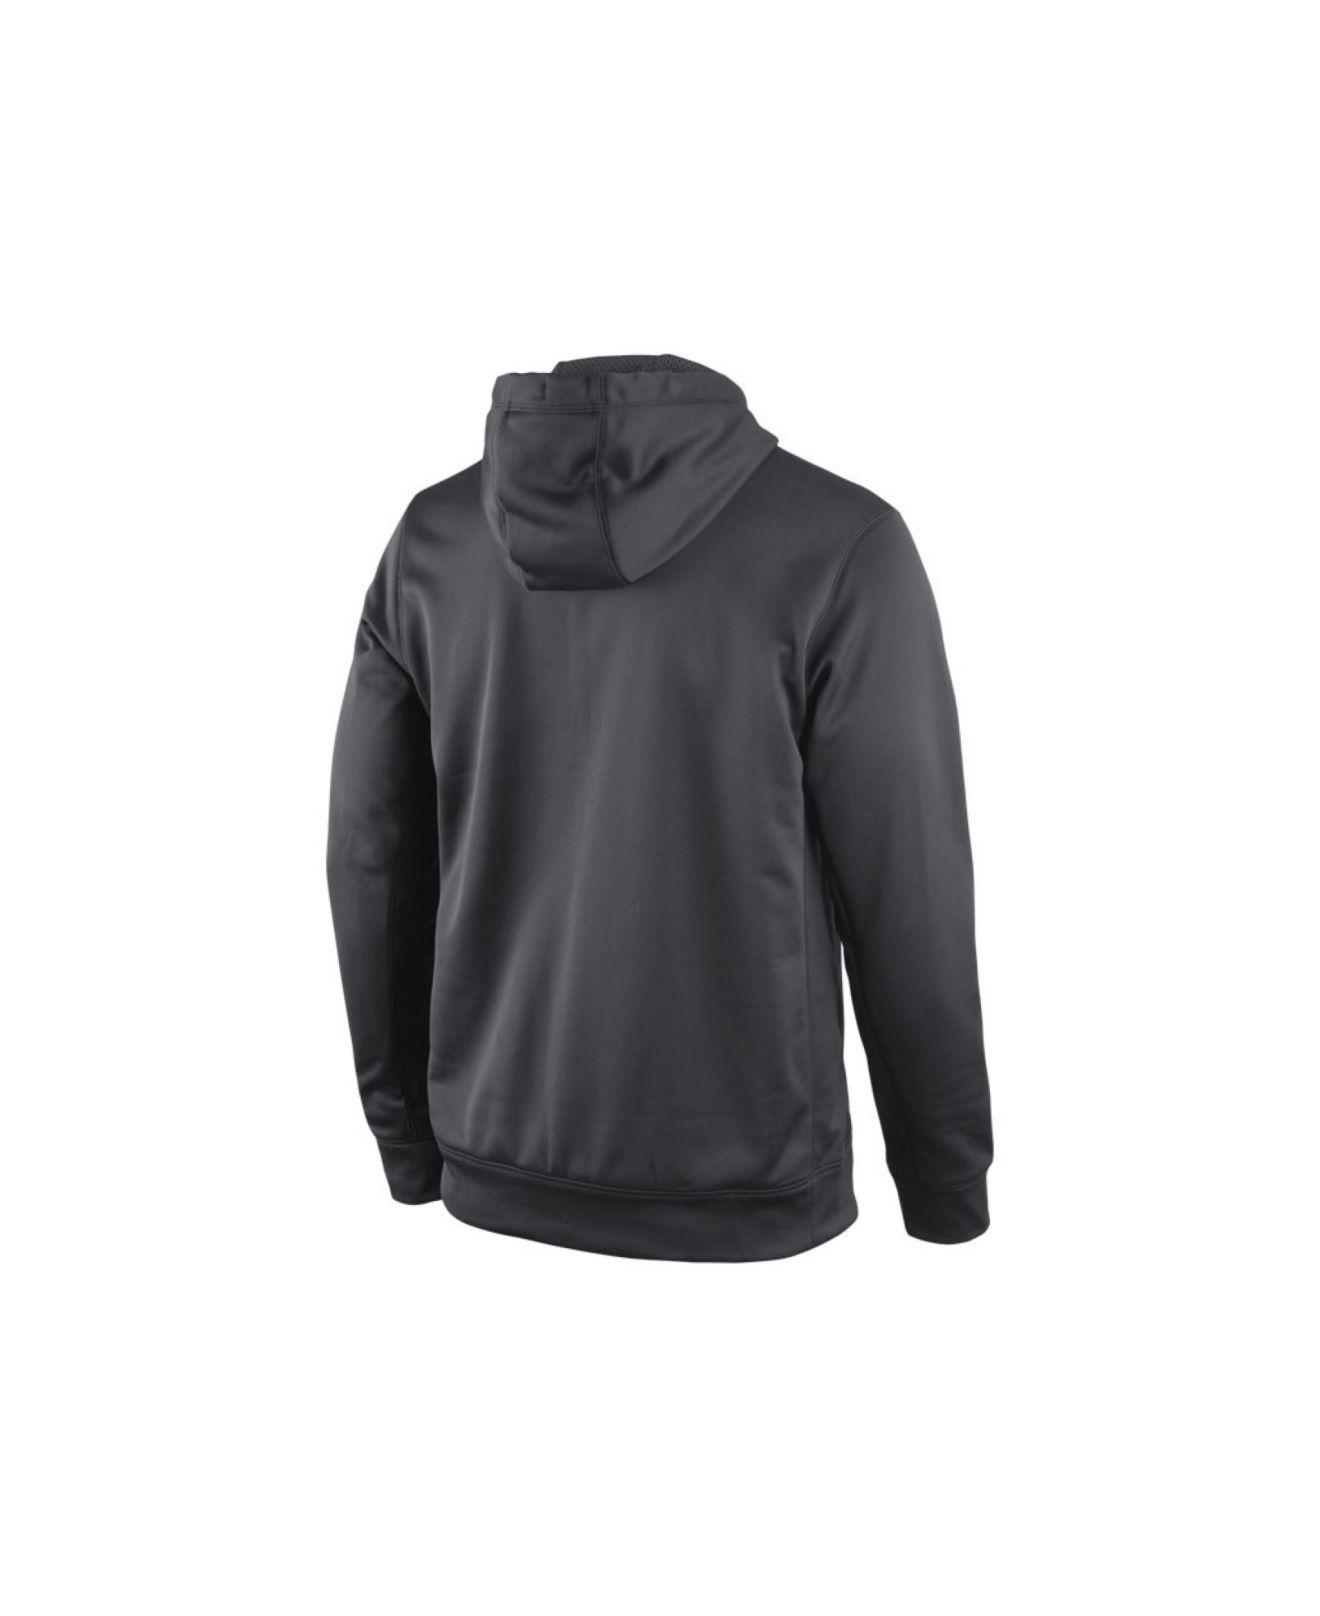 ab55ee13f932 Lyst - Nike Men S New Orleans Saints Platinum Ko Hoodie in Gray for Men